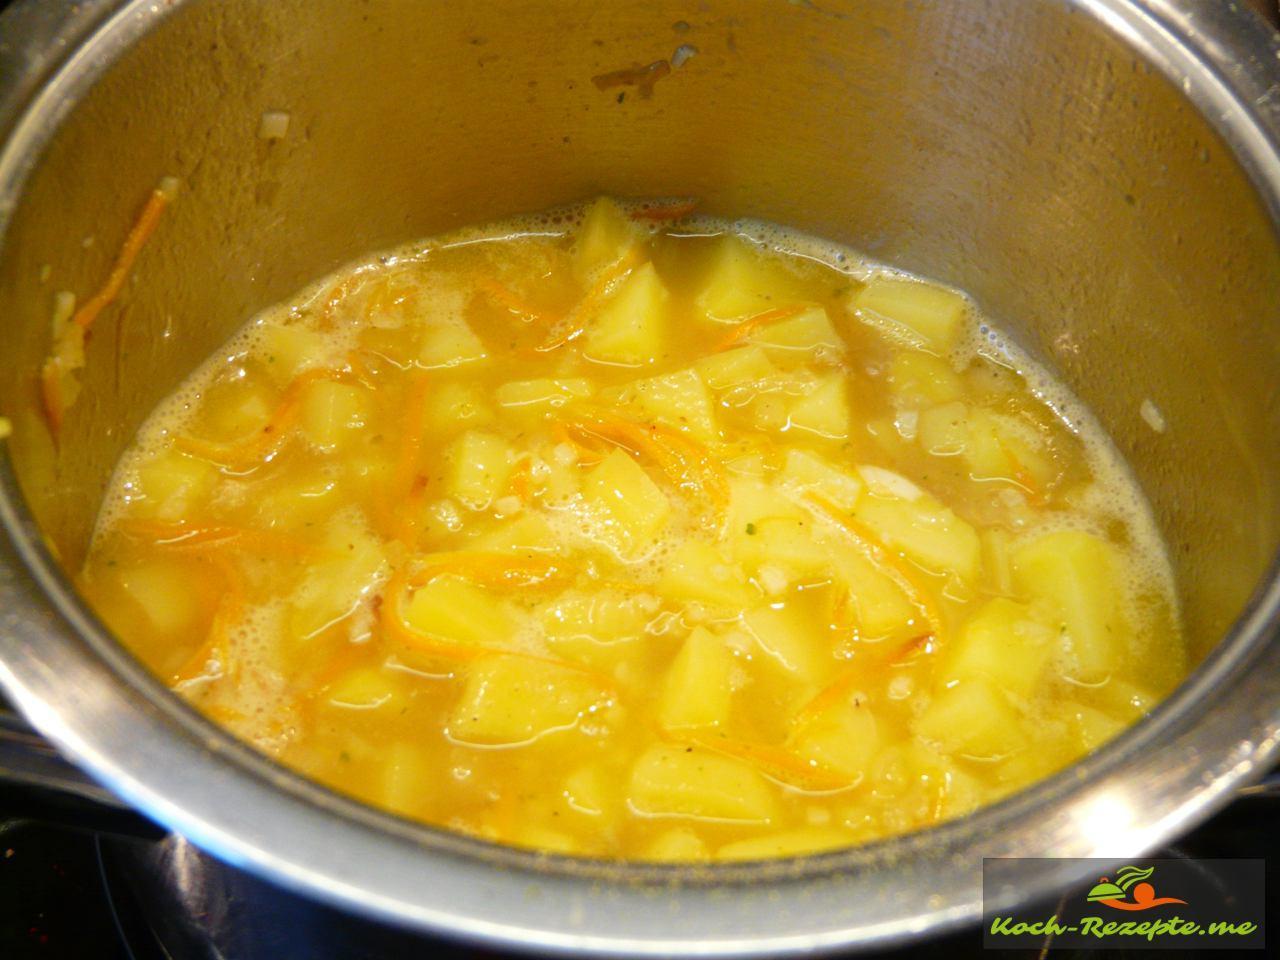 Ohne Deckel das Kartoffelrisotto  20 Minuten köcheln lassen